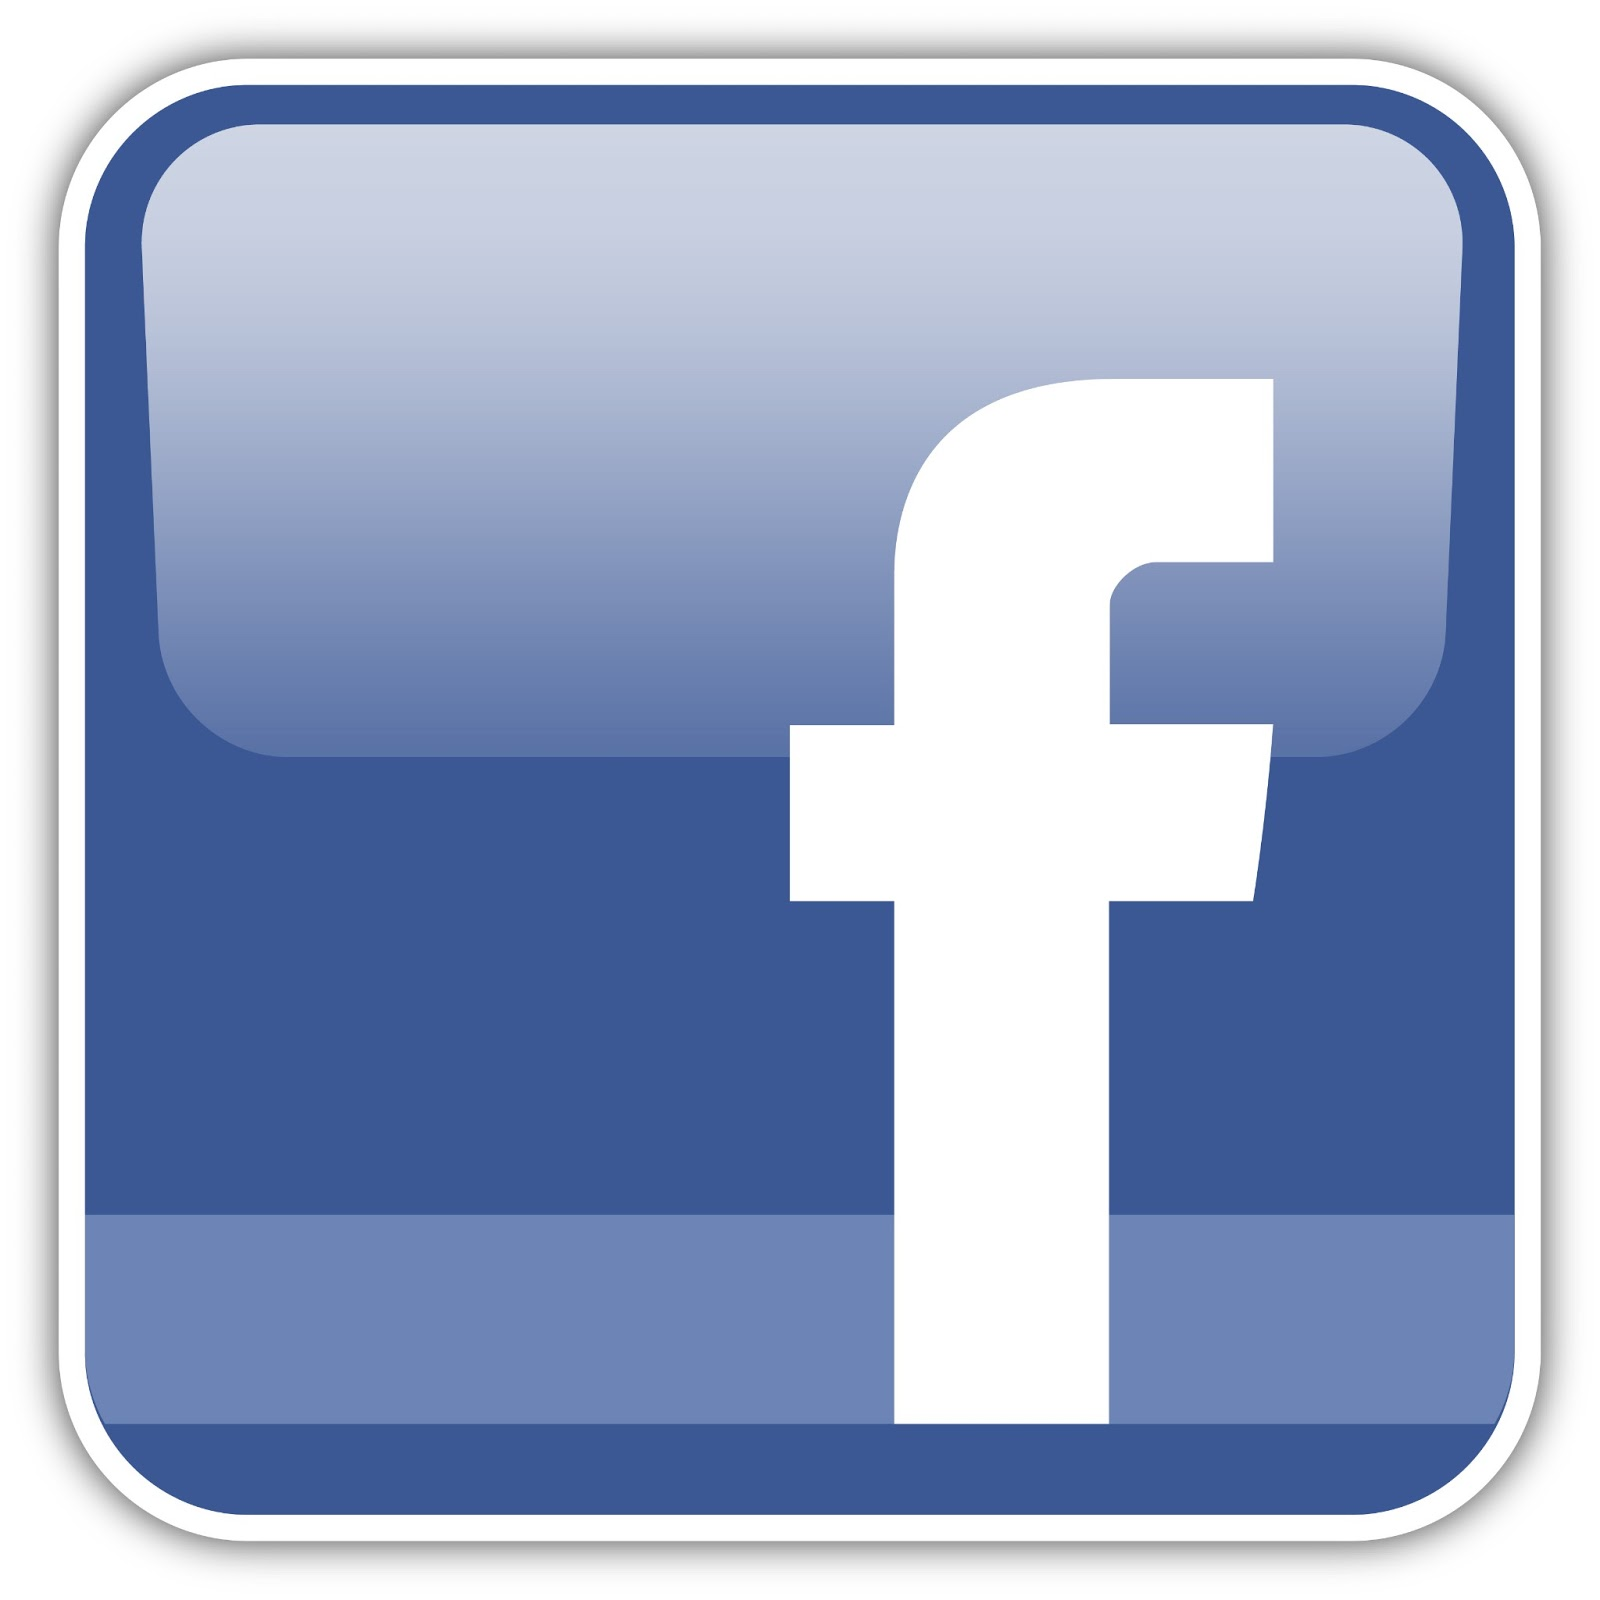 Icono Facebook